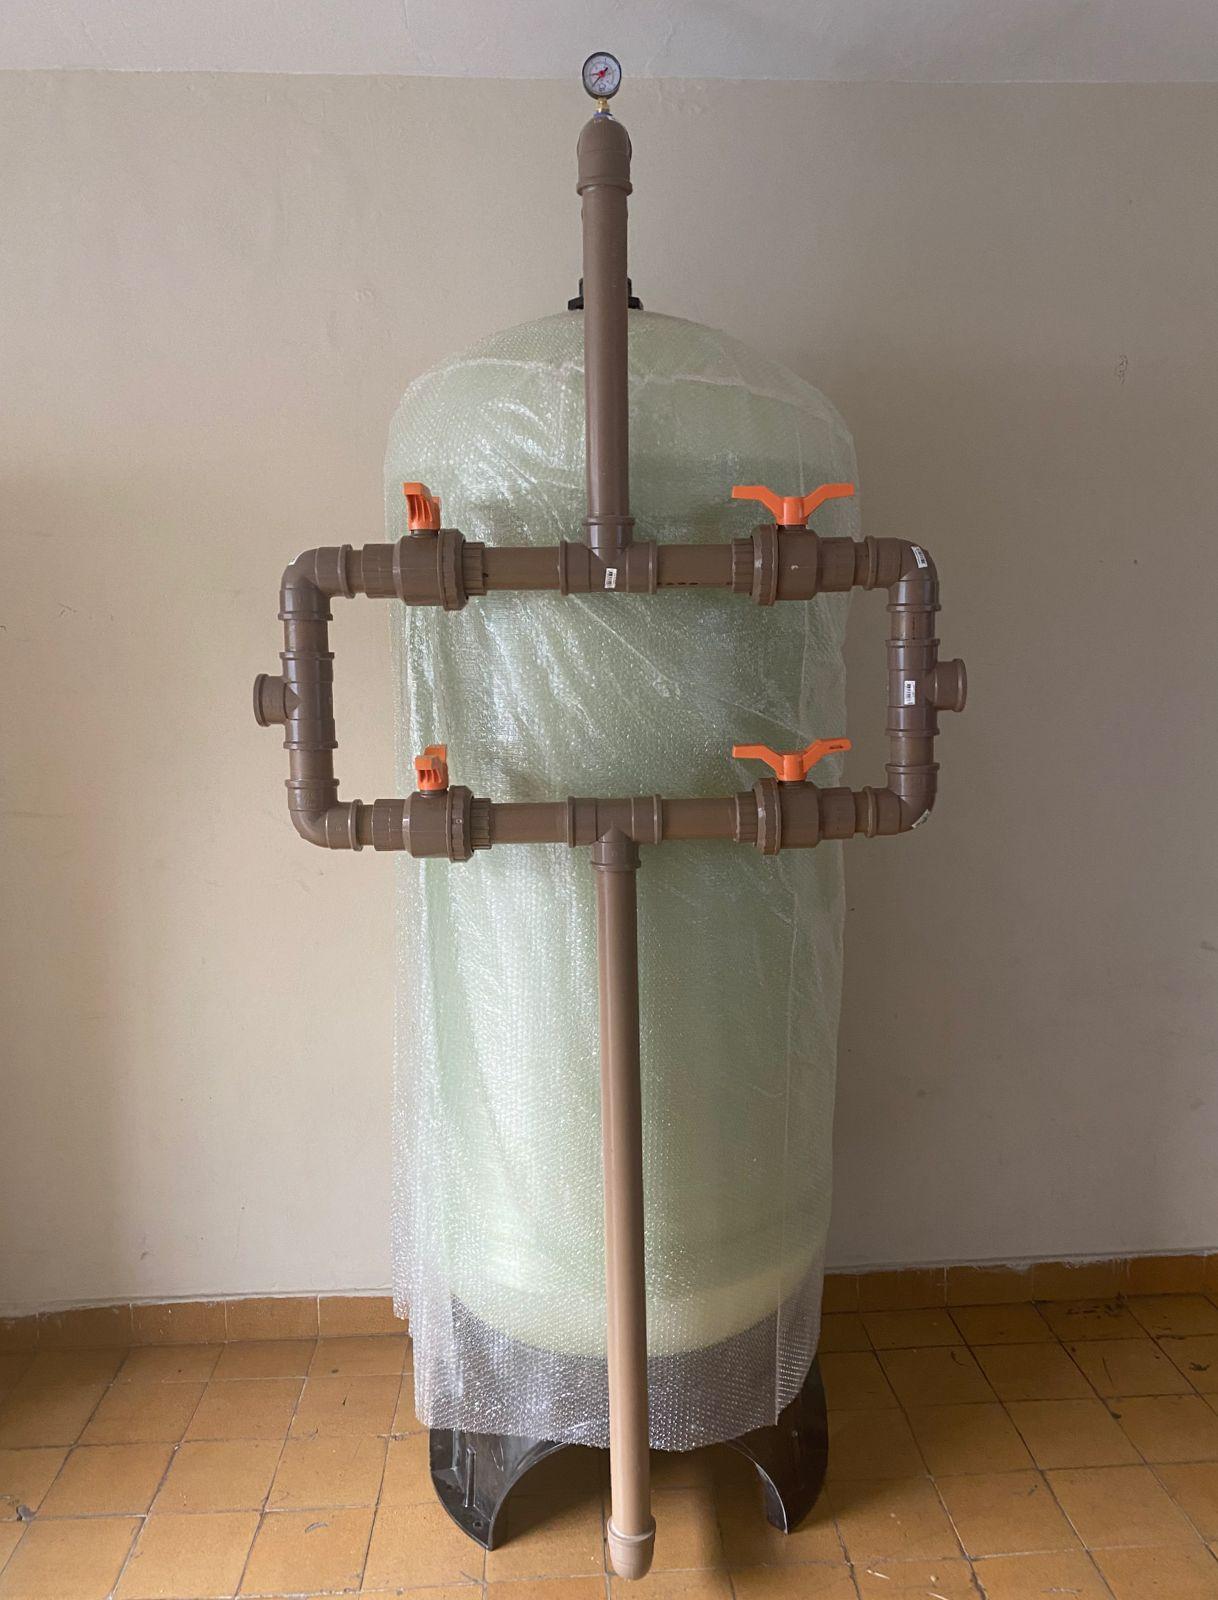 """FILTRO NEA76  de 11.000 a 17.000 litros/hora  ou  11 a 17m3/h - PADRAO 30X72"""" - incluso painel com registros  seletores, crepinas e tubo central"""